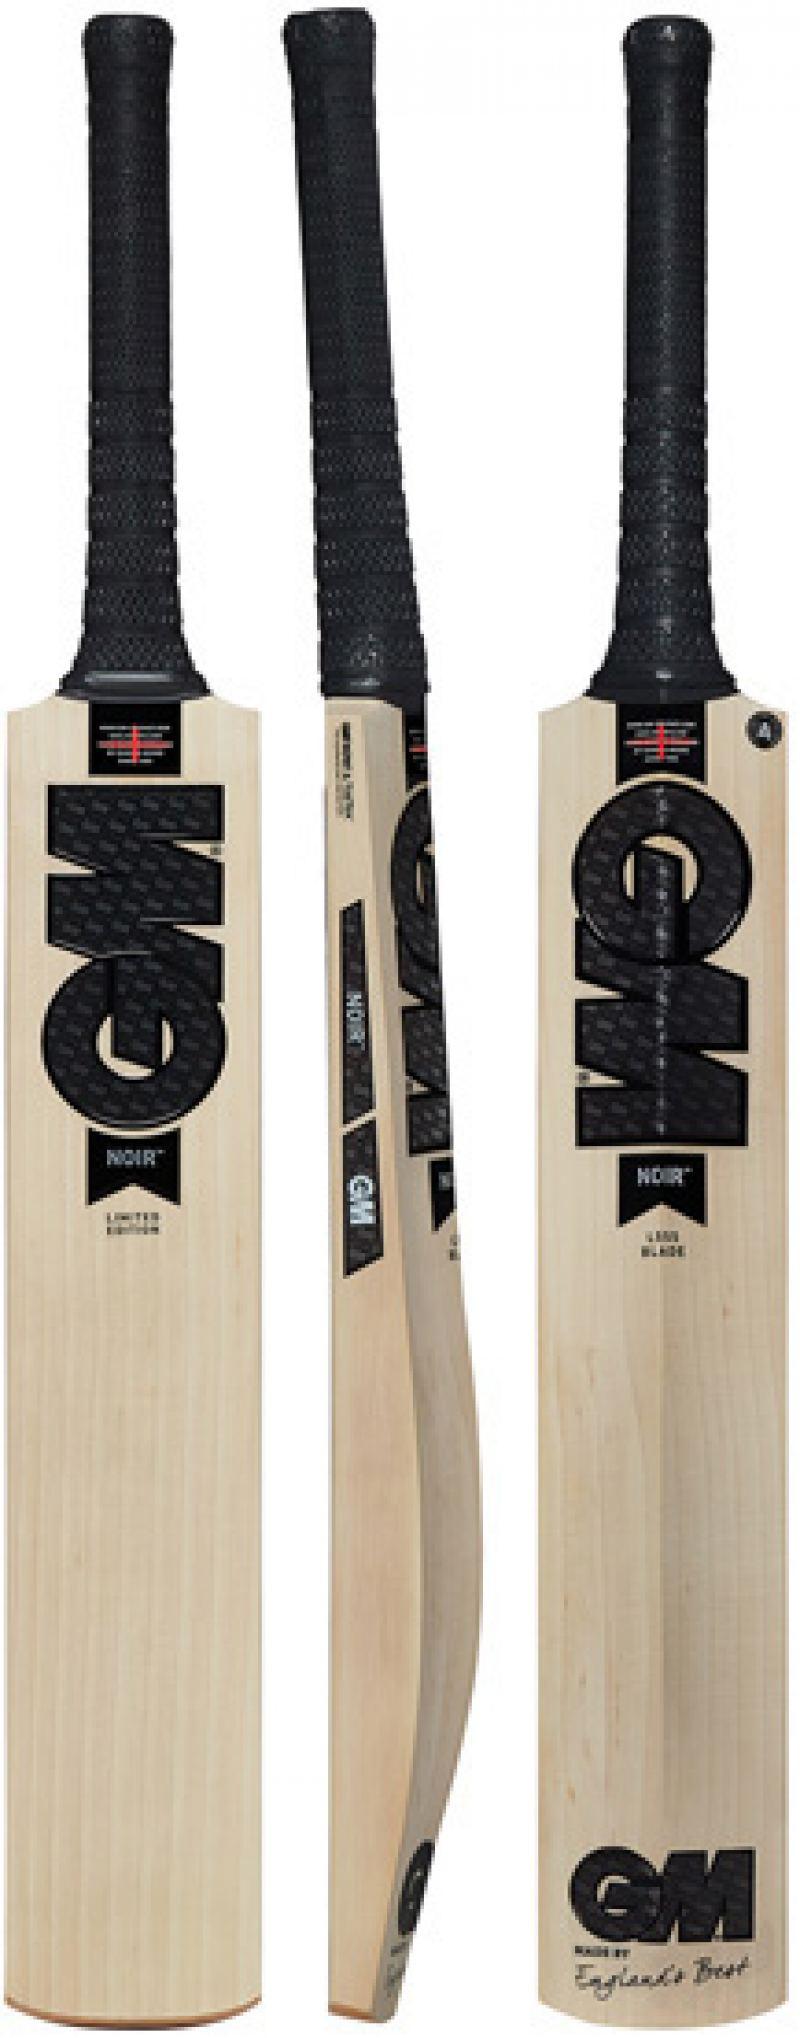 Gunn and Moore Noir L555 DXM Signature Cricket Bat